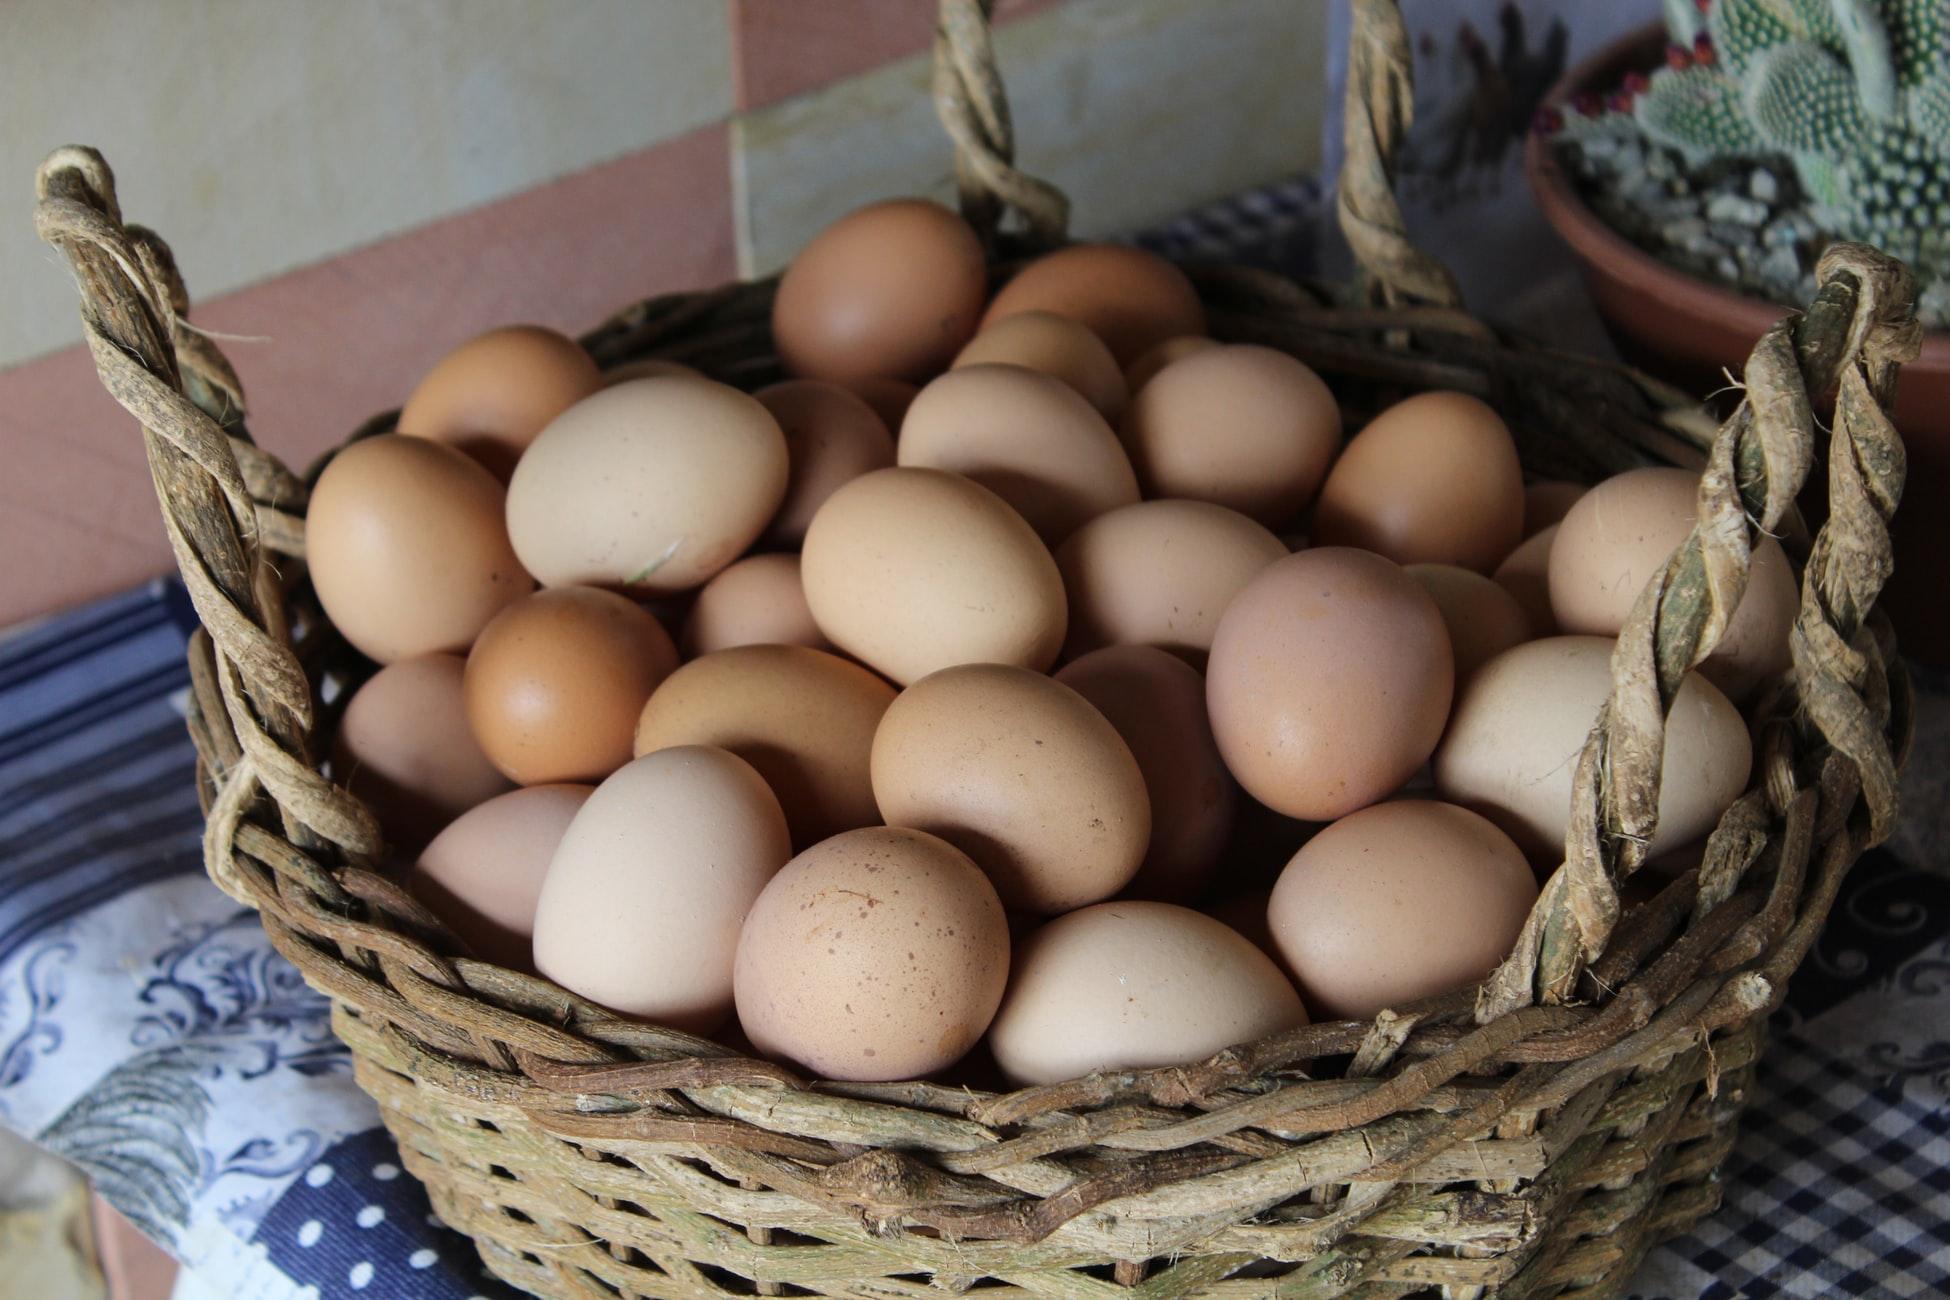 ワイ筋トレ民、プロテインの不味さに絶望し卵を食べていくことを決意